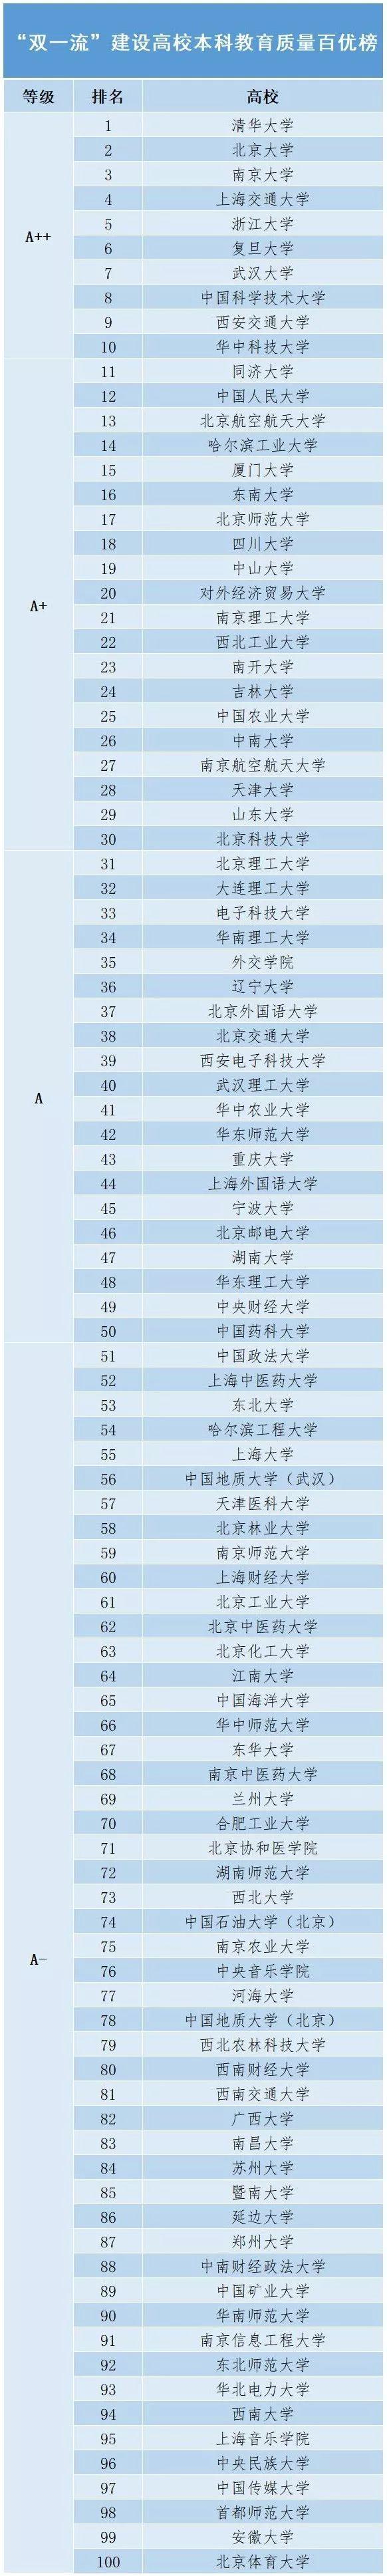 """""""双一流""""建设<a href=http://www.555edu.com/school/ target=_blank class=infotextkey>高校</a>最新排名: 这100所<a href=http://www.555edu.com/school/ target=_blank class=infotextkey>高校</a>本科教育质量最高!"""